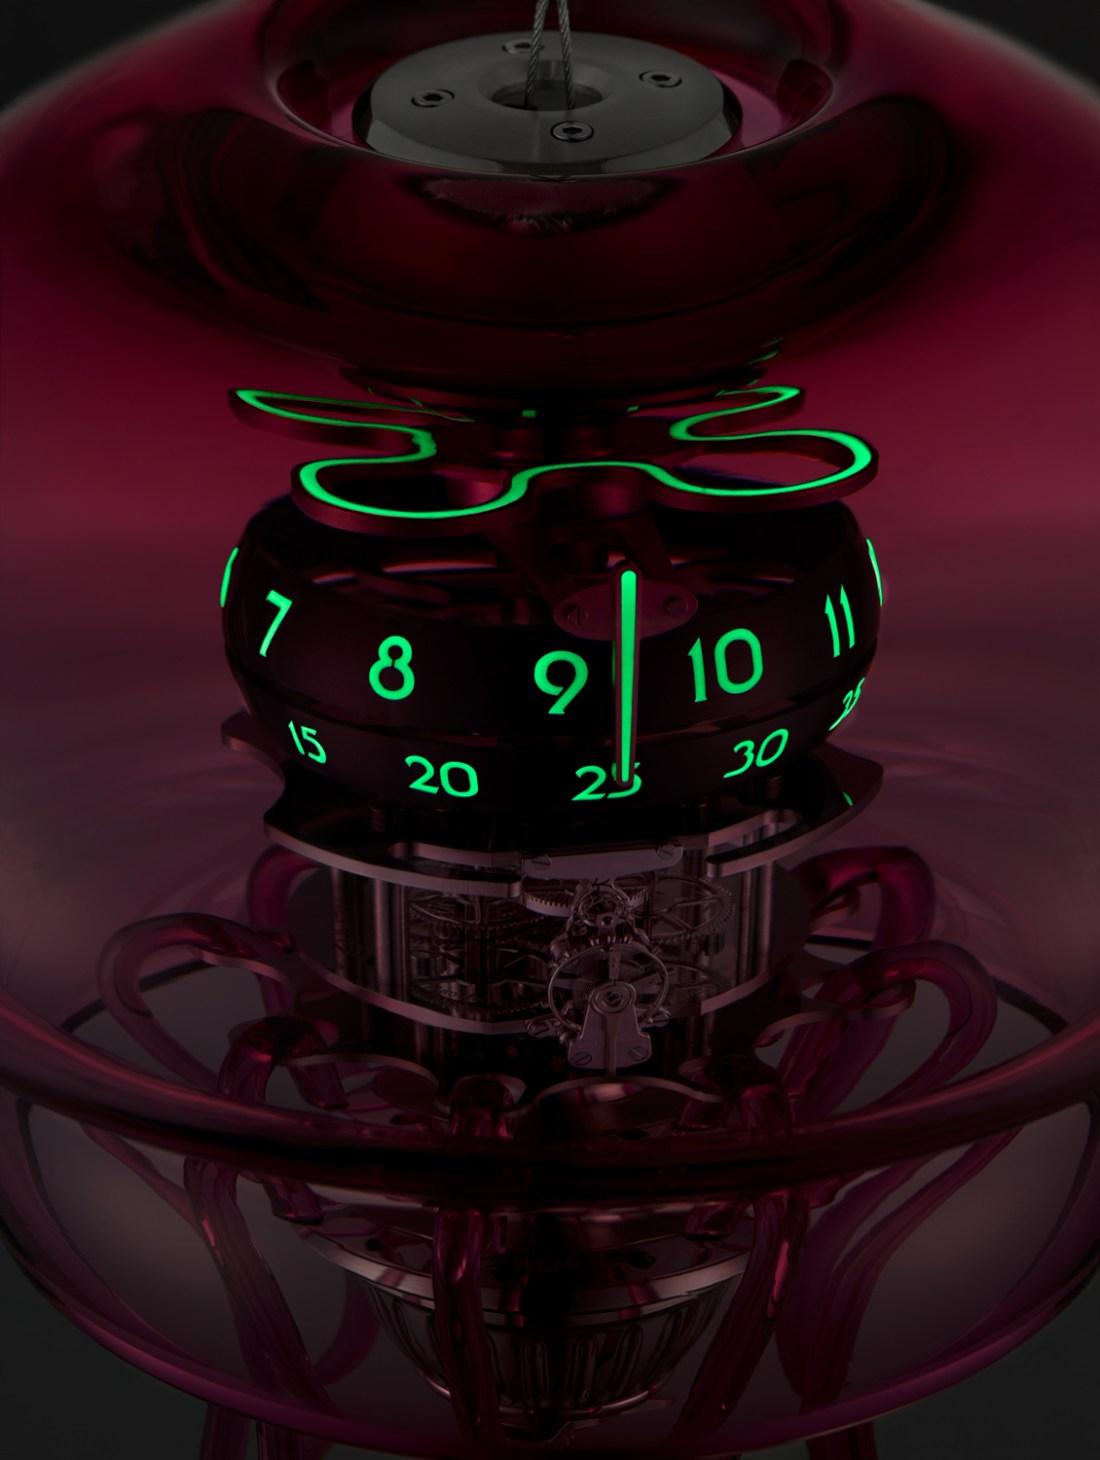 Vista de la estructura de un reloj Medusa por dentro con detalles en color verde